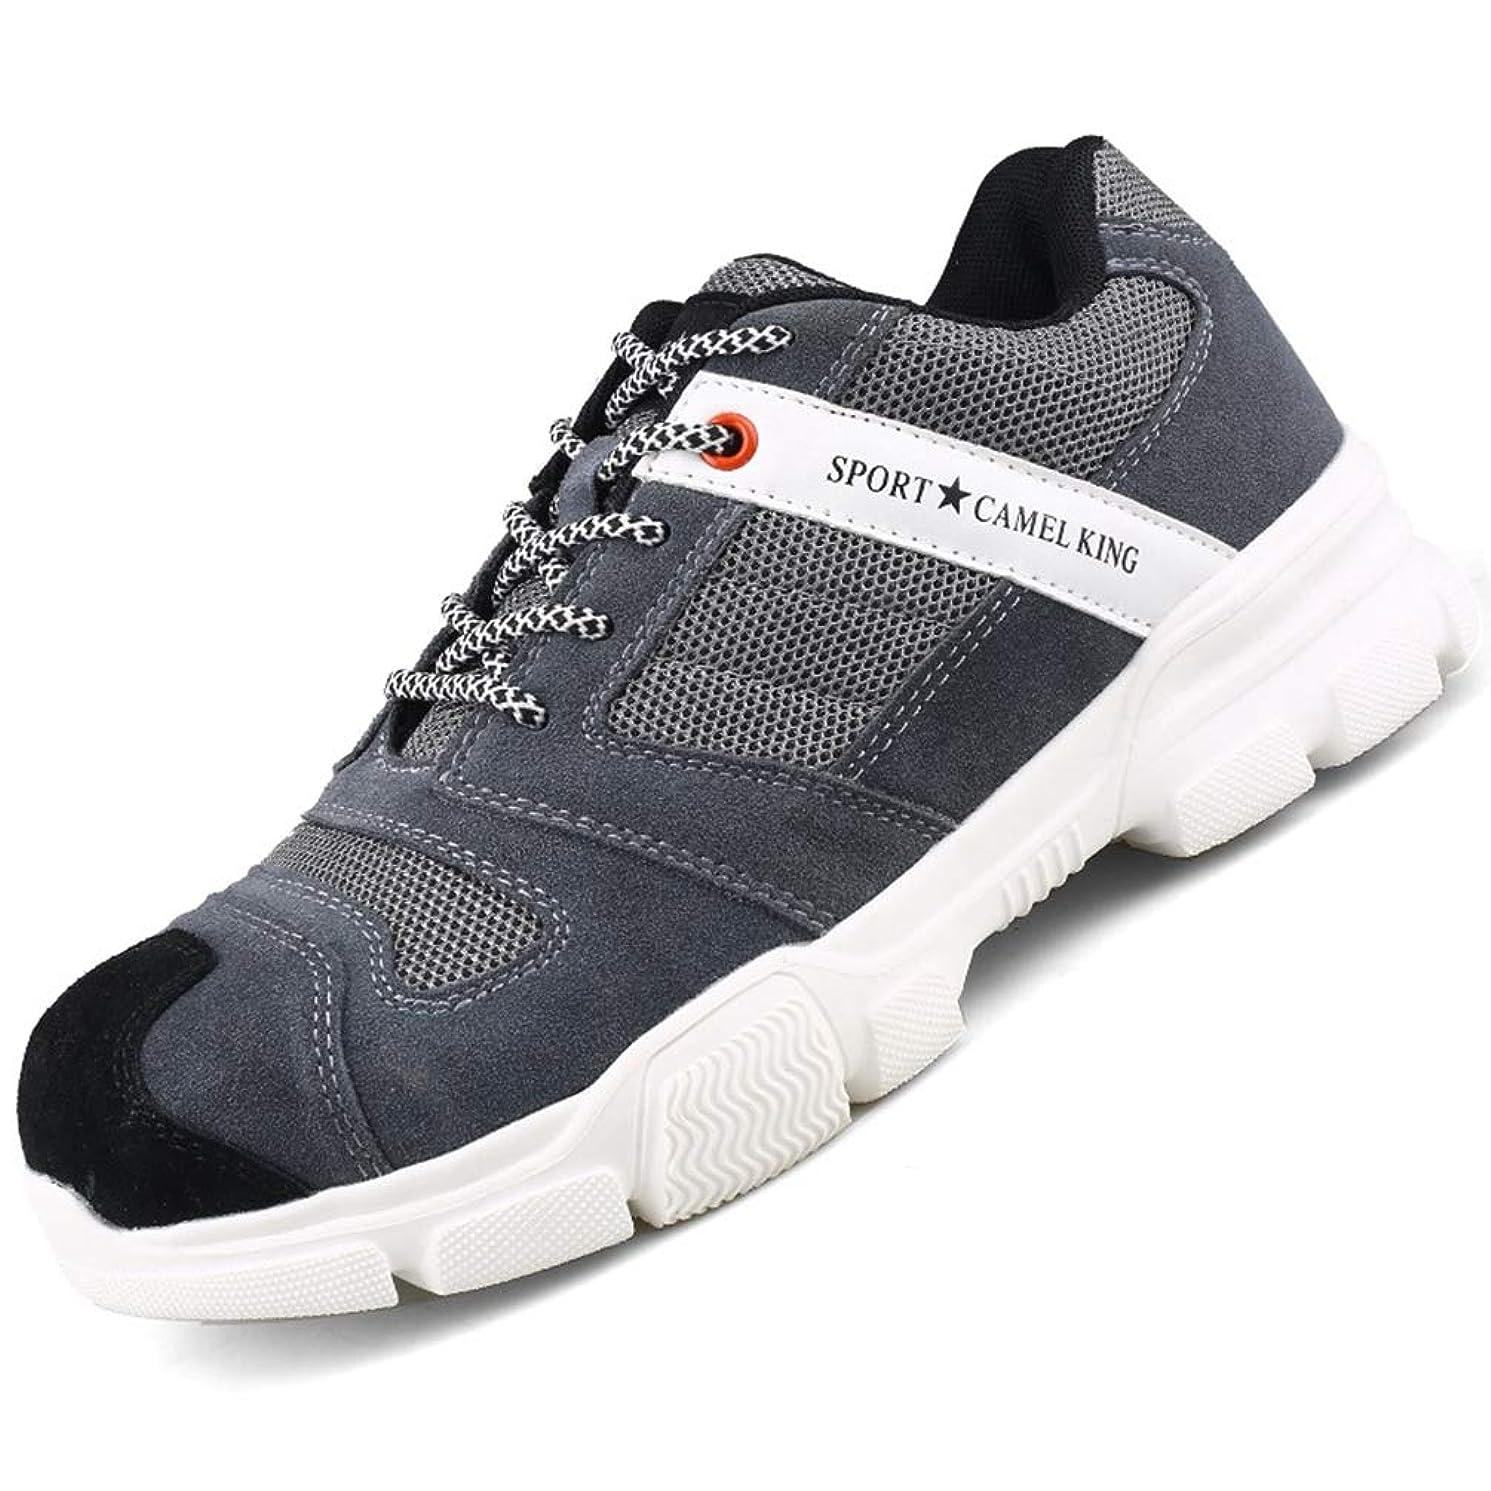 切手影響強制安全靴 作業靴 セーフティシューズ スニーカー 通気性抜群 メッシュ クッション性 アウトドア 工業用 建設作業 通勤 カジュアル 鋼製ミッドソール 吸汗 おしゃれ かっこいい 踏み抜き防止 滑り止め加工